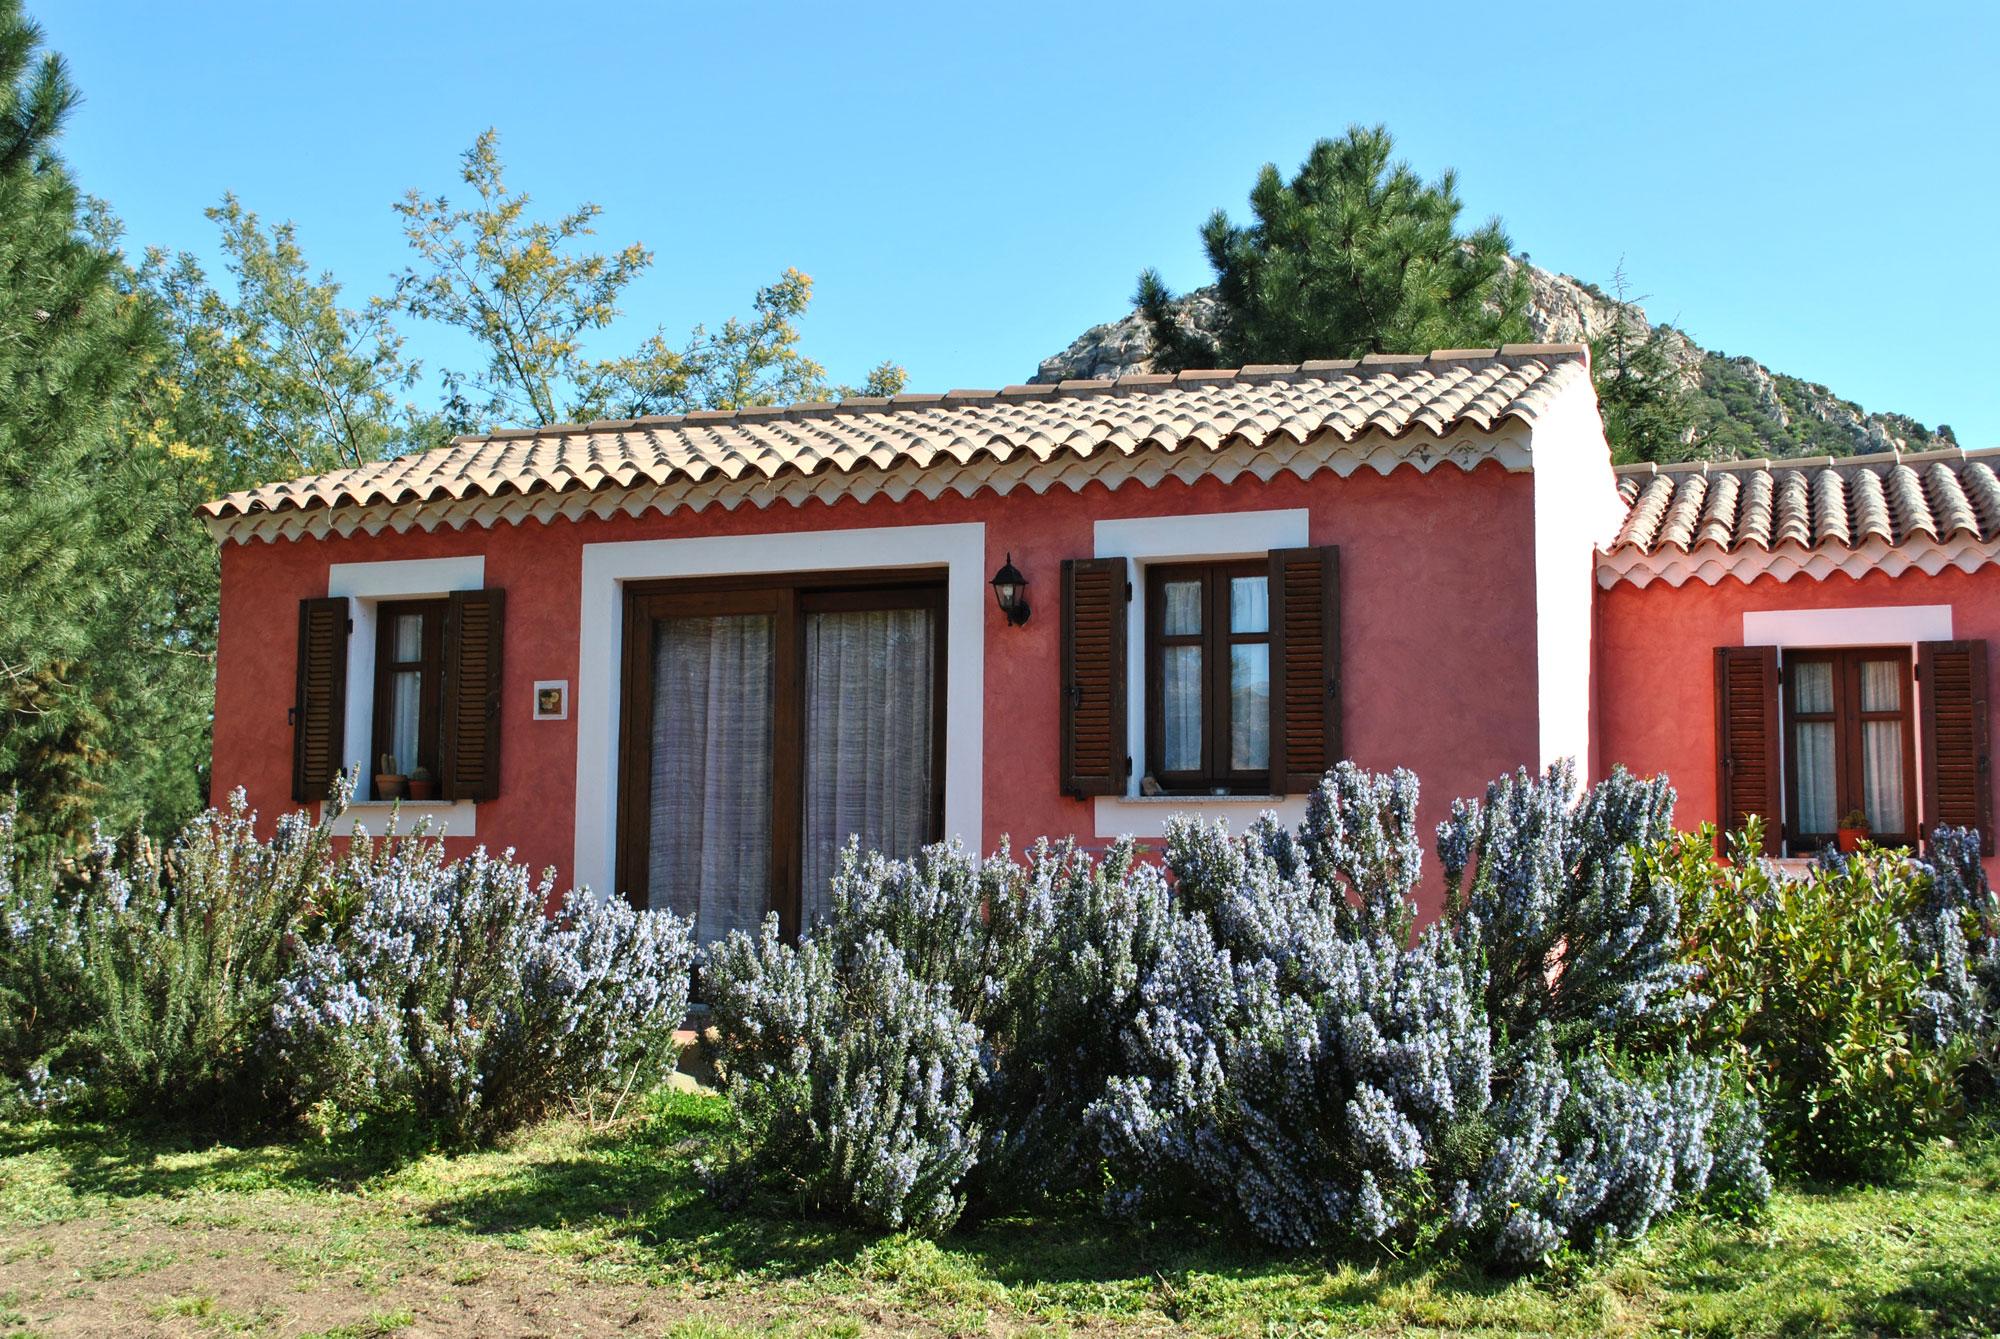 Facciate esterne case di campagna ka42 regardsdefemmes - Colori case esterni ...